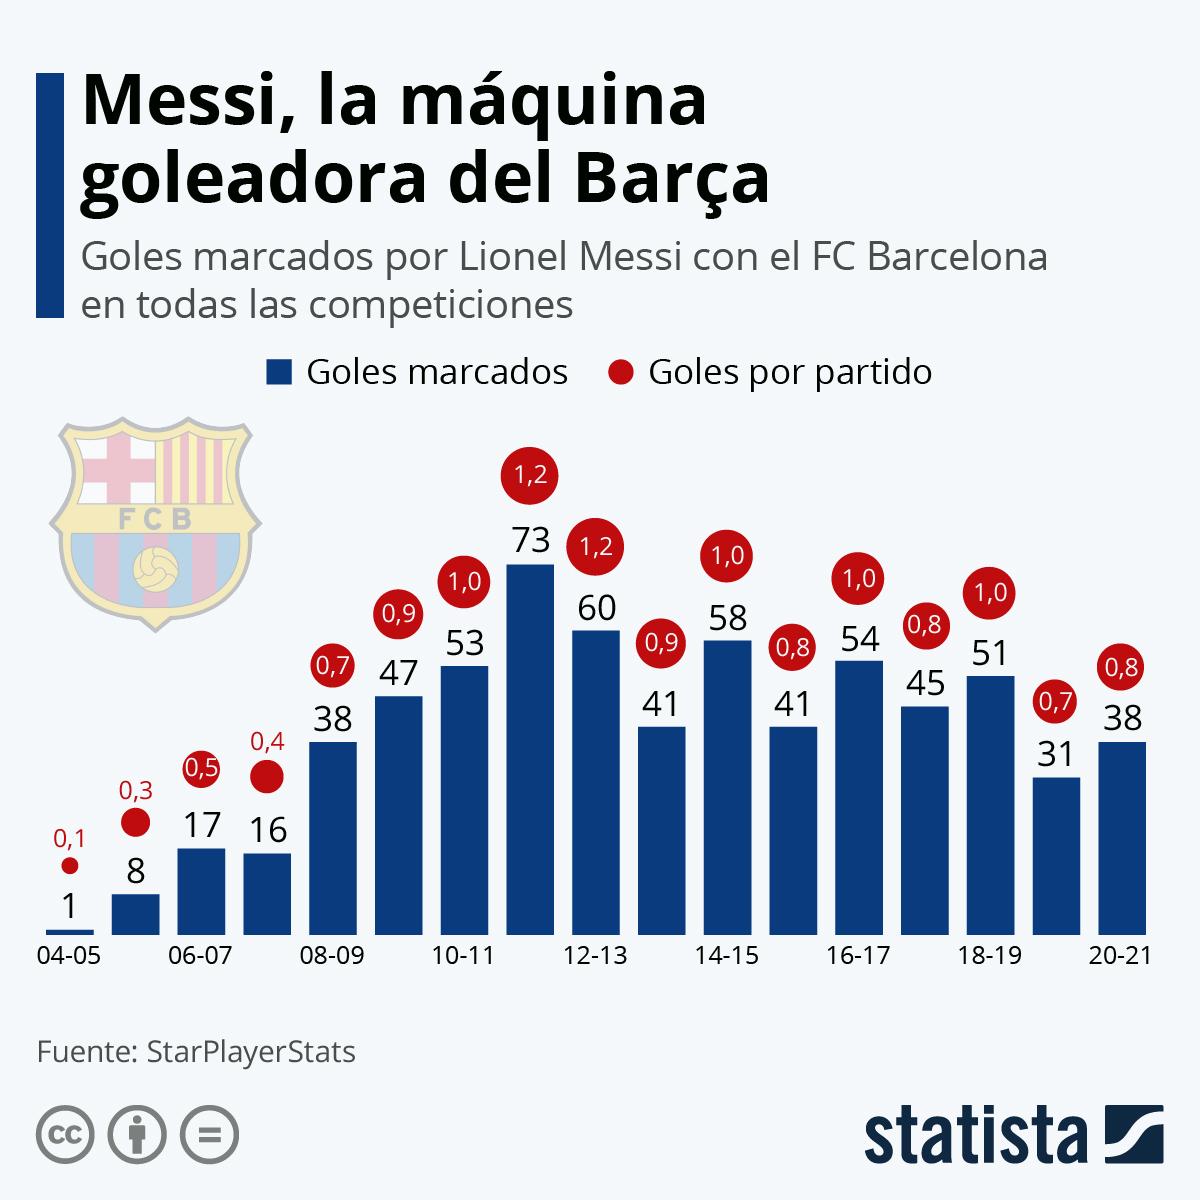 Infografía: Messi, la máquina goleadora del Barça | Statista